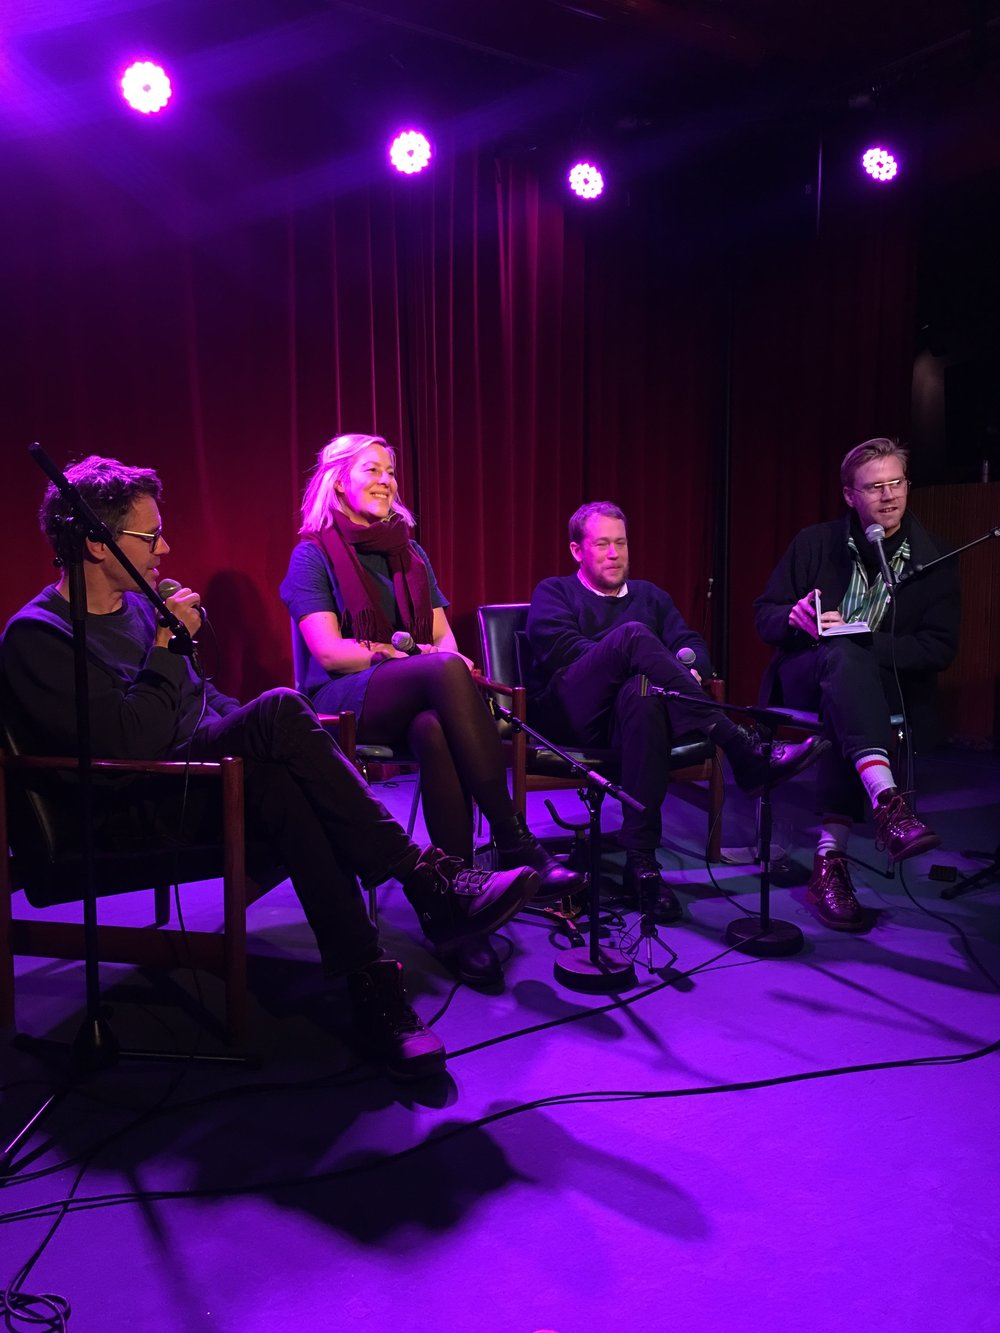 fra venstre: Dan Hallemar, Astrid Humerfelt, Joakim Skajaa og Bengt Magnus S. Carlson (foto: Magnus Forsberg)